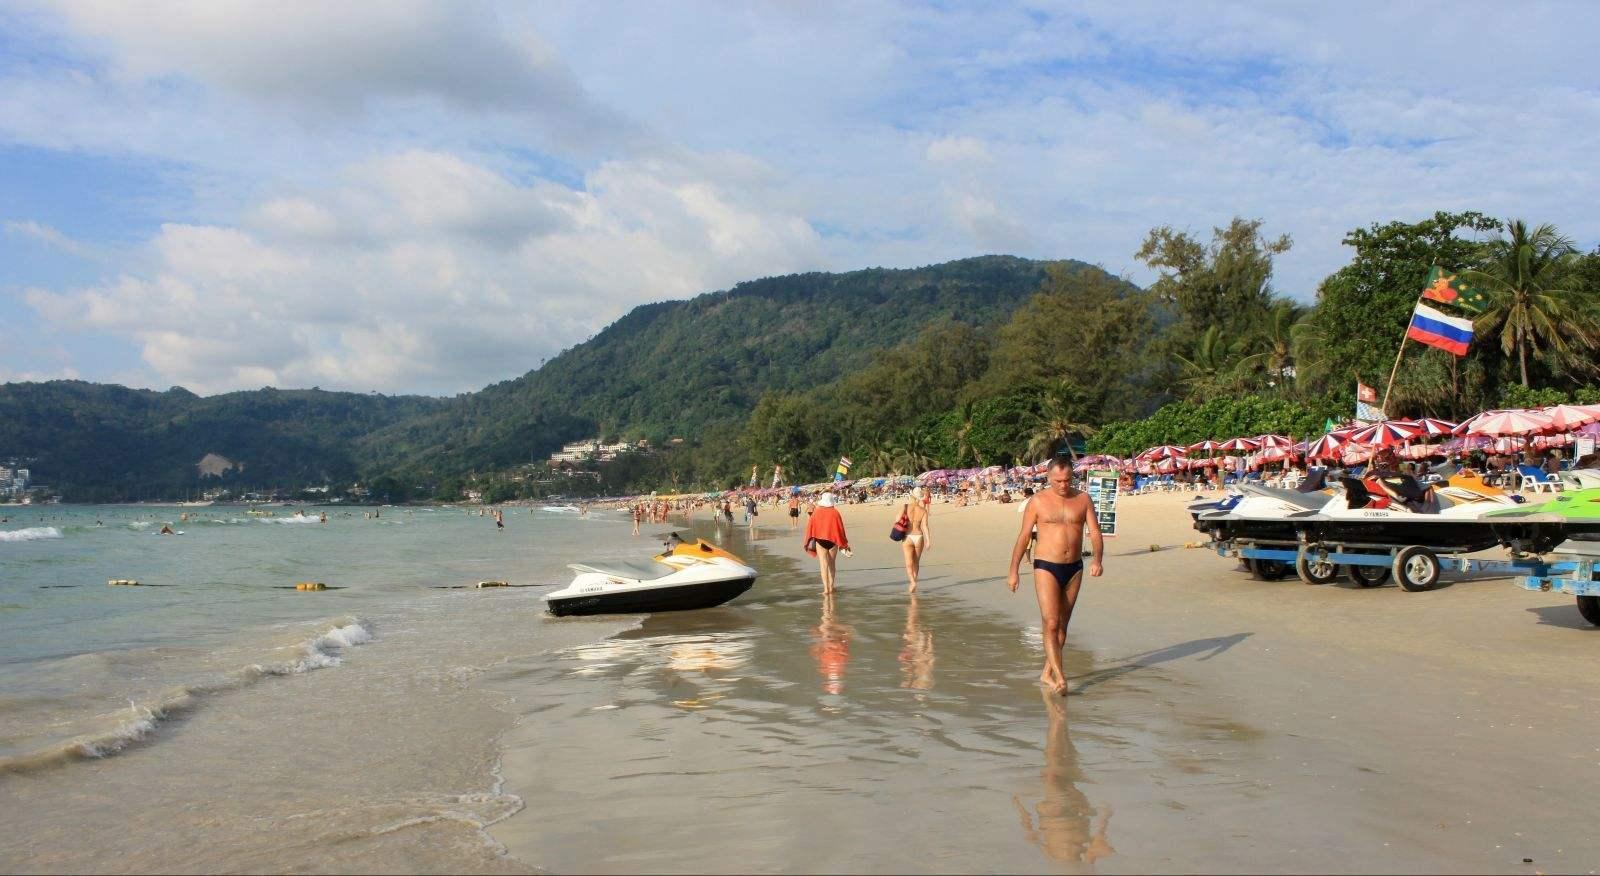 普吉岛芭东海滩救生员威拉攀称:游客忽视安全警告是事故频发的主要